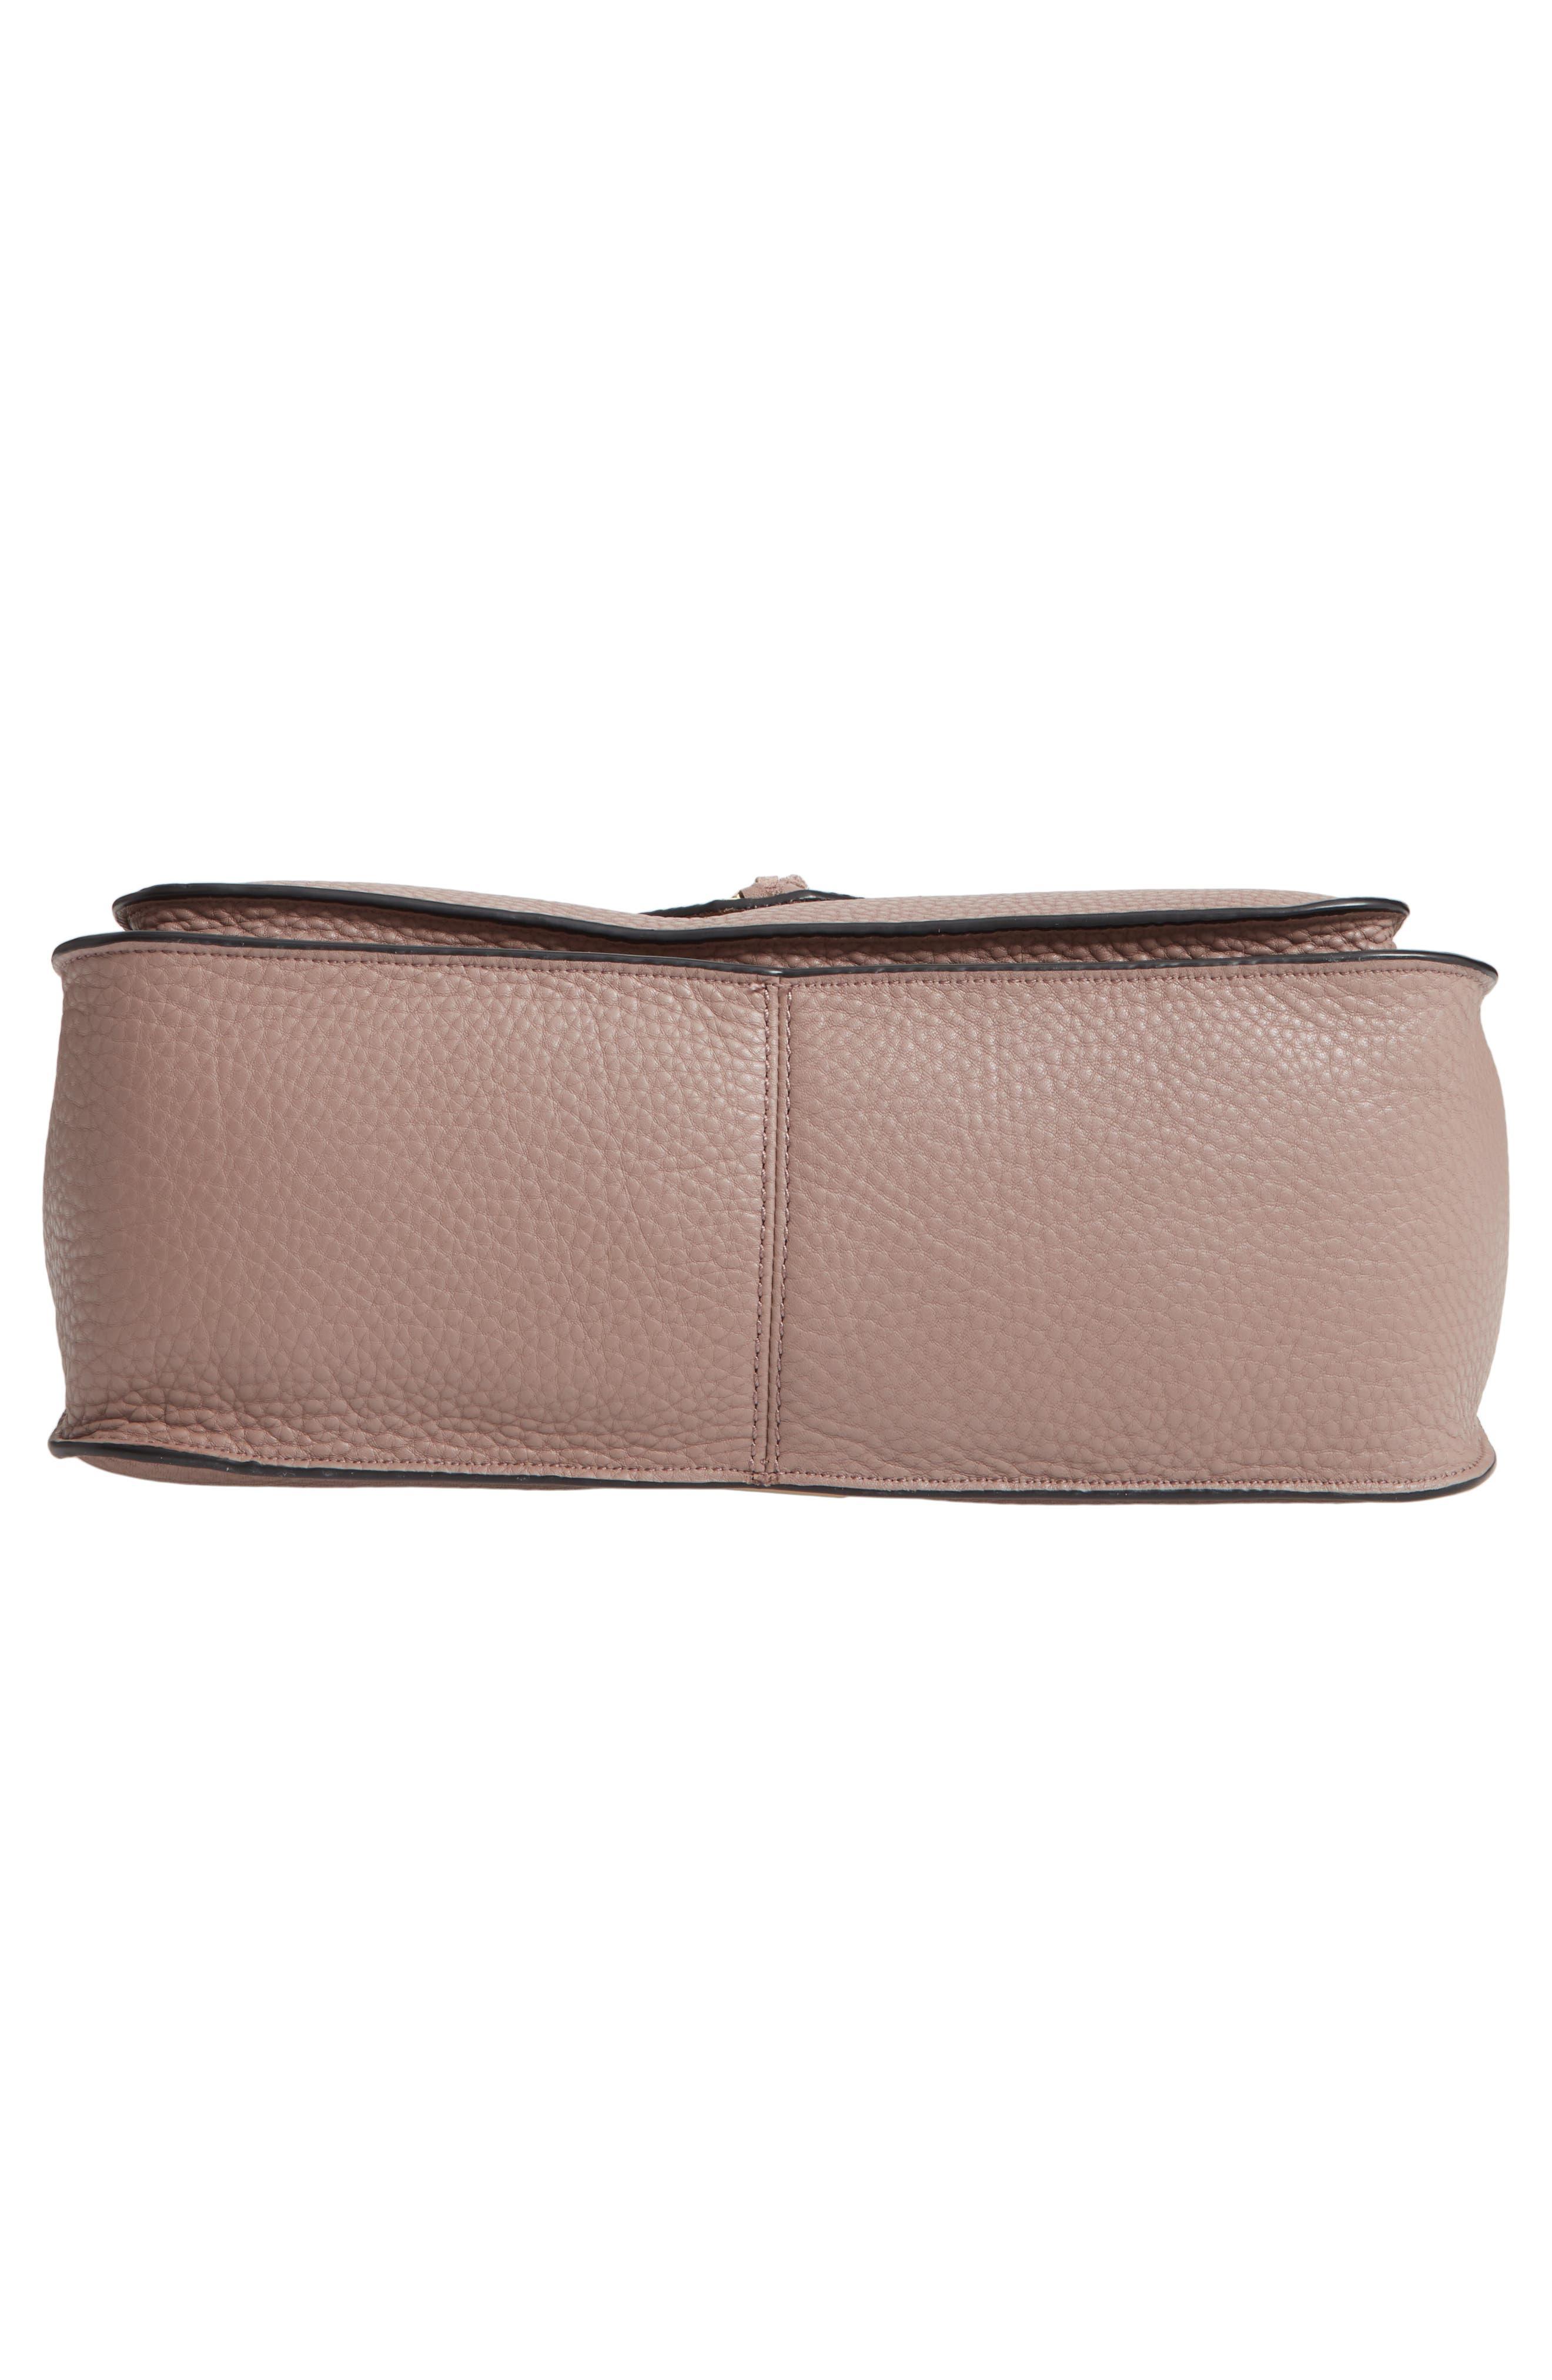 Darren Leather Messenger Bag,                             Alternate thumbnail 6, color,                             MINK